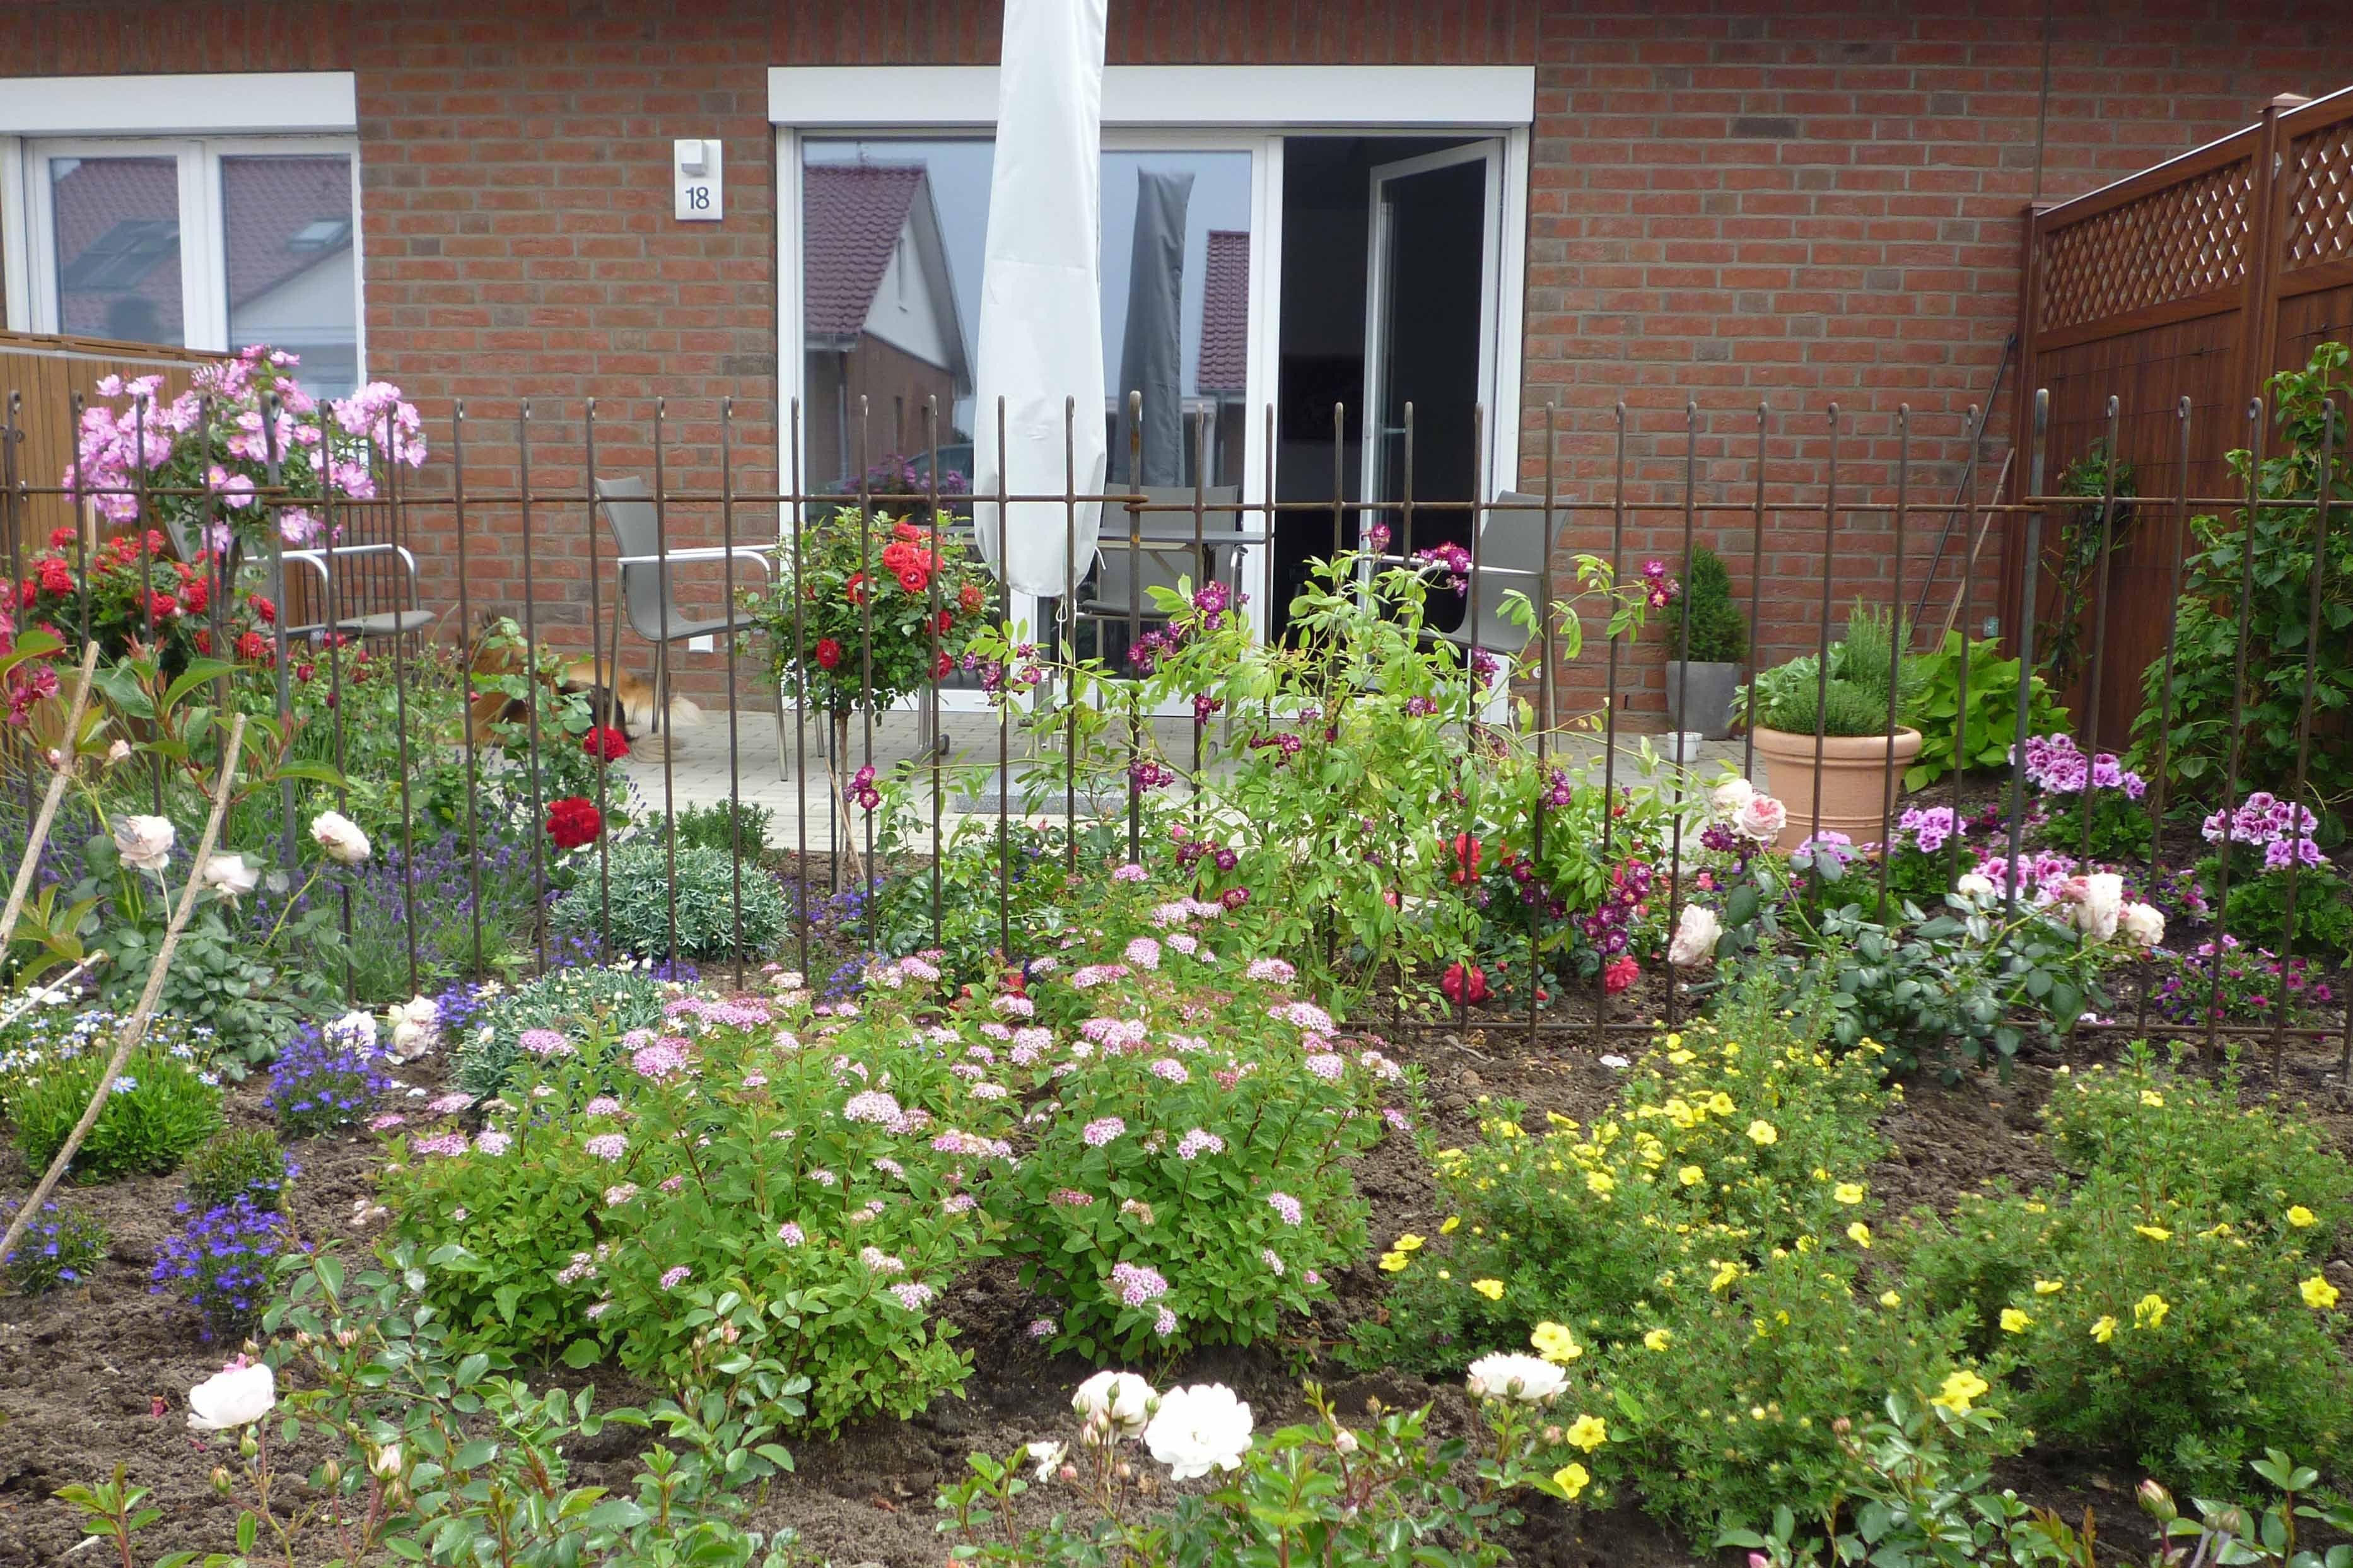 Fertig aufgebaut und mit Kletterrosen bepflanzt ist der Zaun